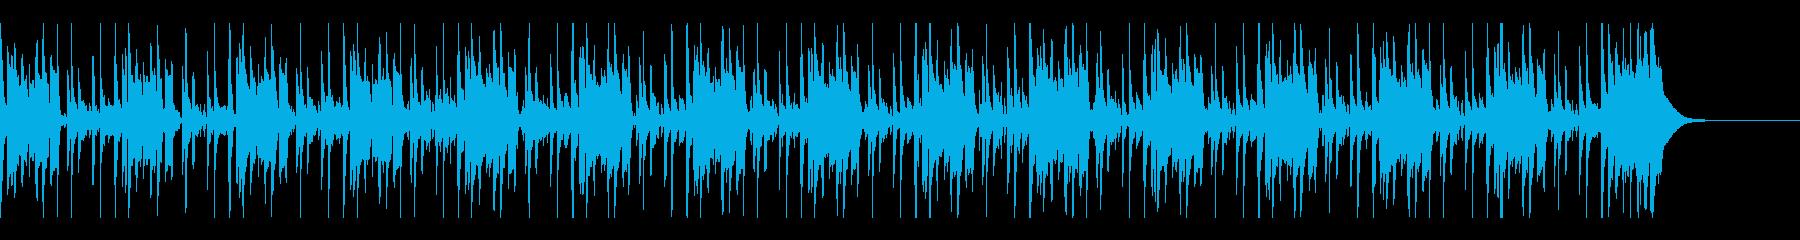 ベース主体の怪しげなコメディ風BGMの再生済みの波形